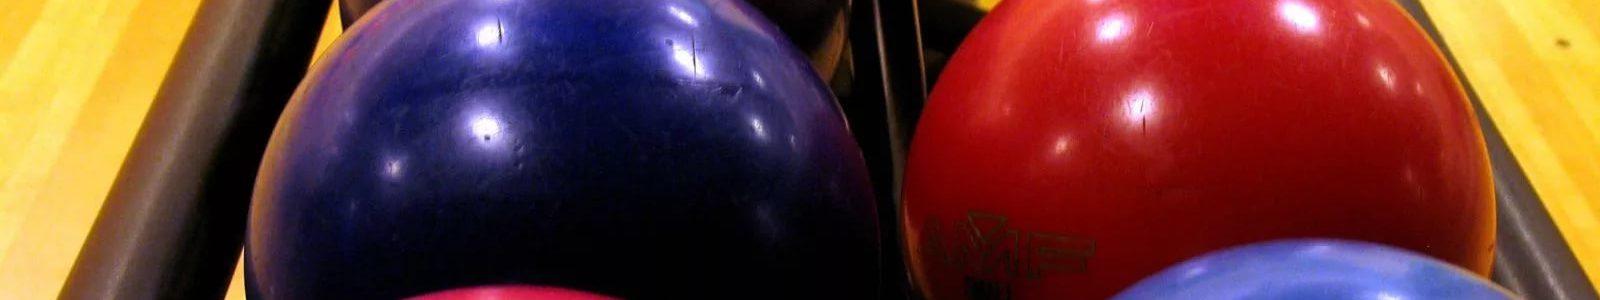 Шар для боулинга — технологии производства, почему он тяжелый